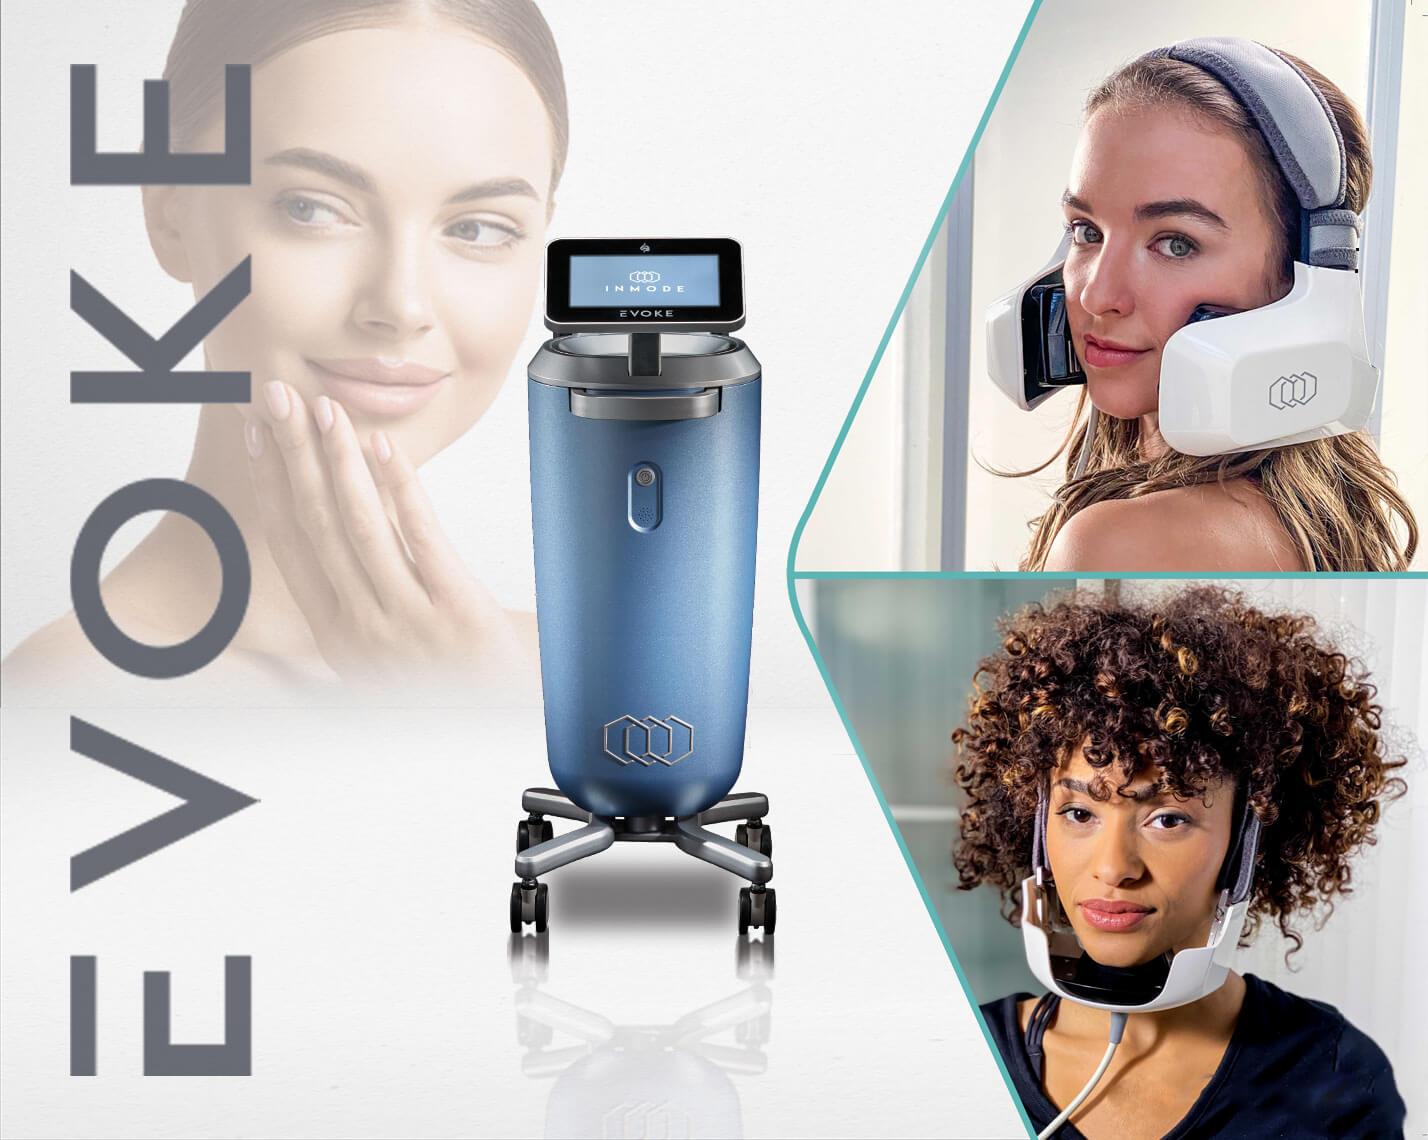 EVOKE – Pierwszy robot domodelowania twarzy zcertyfikatem FDA